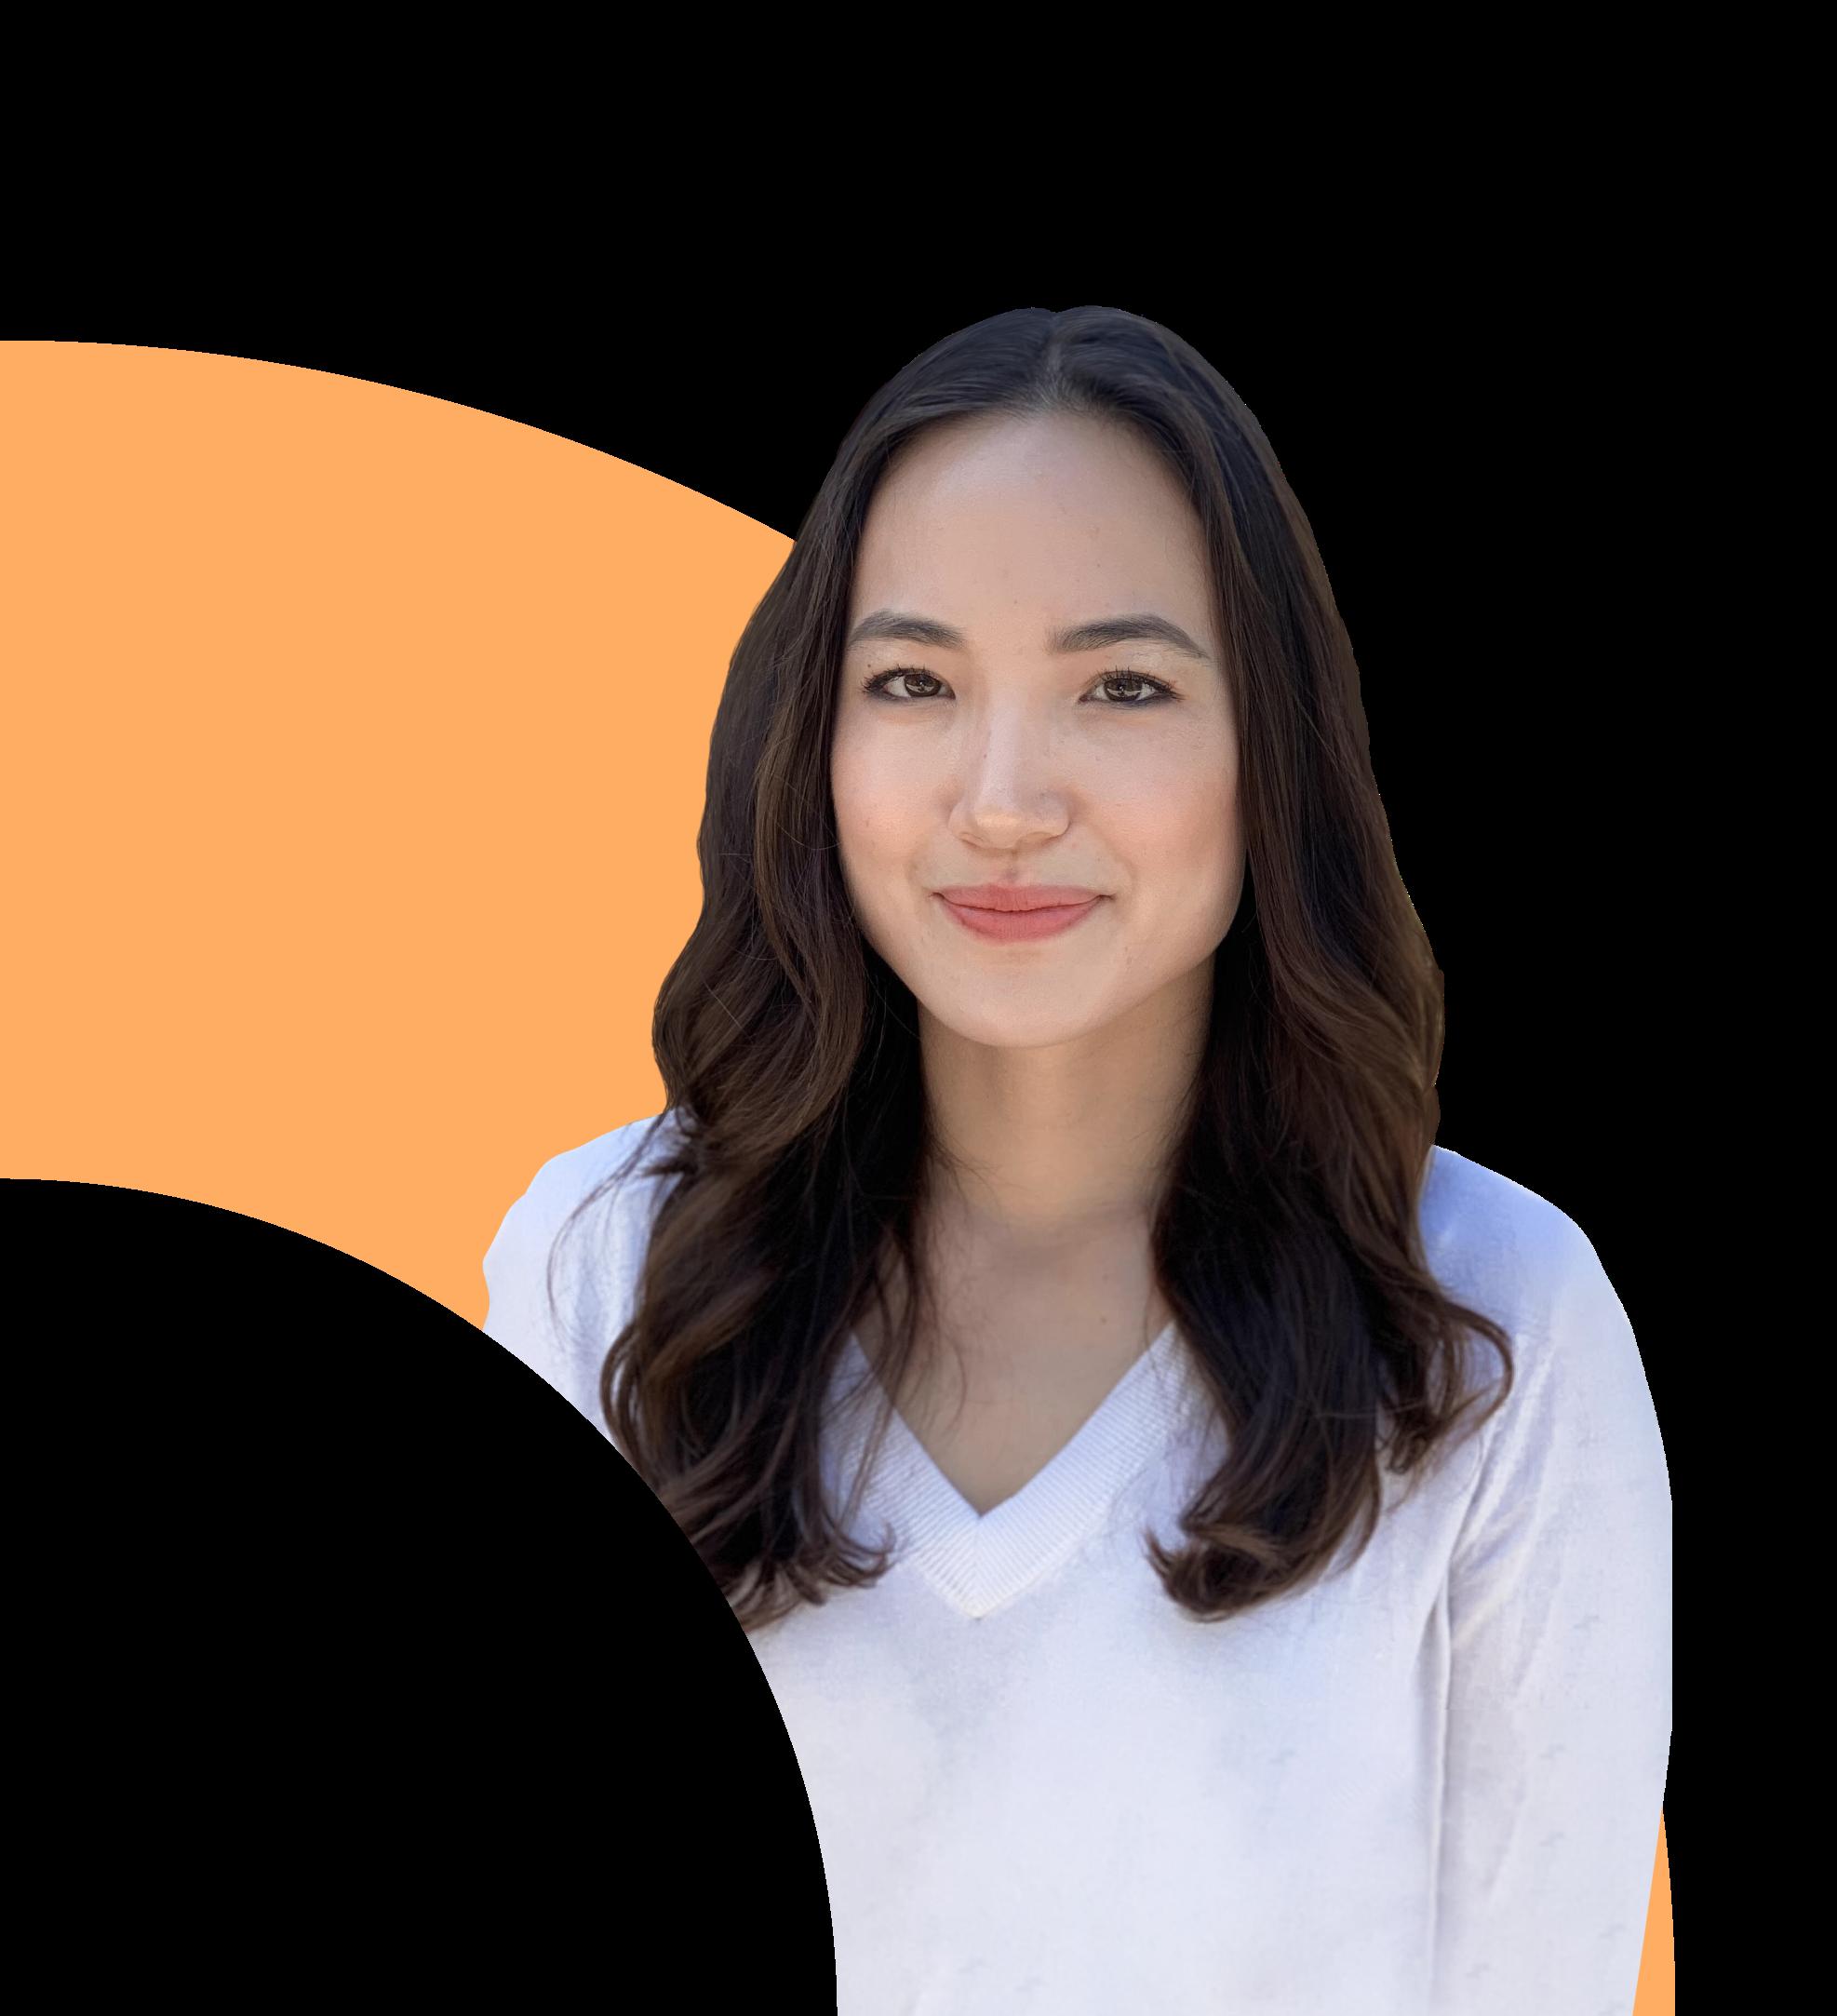 Yuna Akazawa, Product Designer at Braze